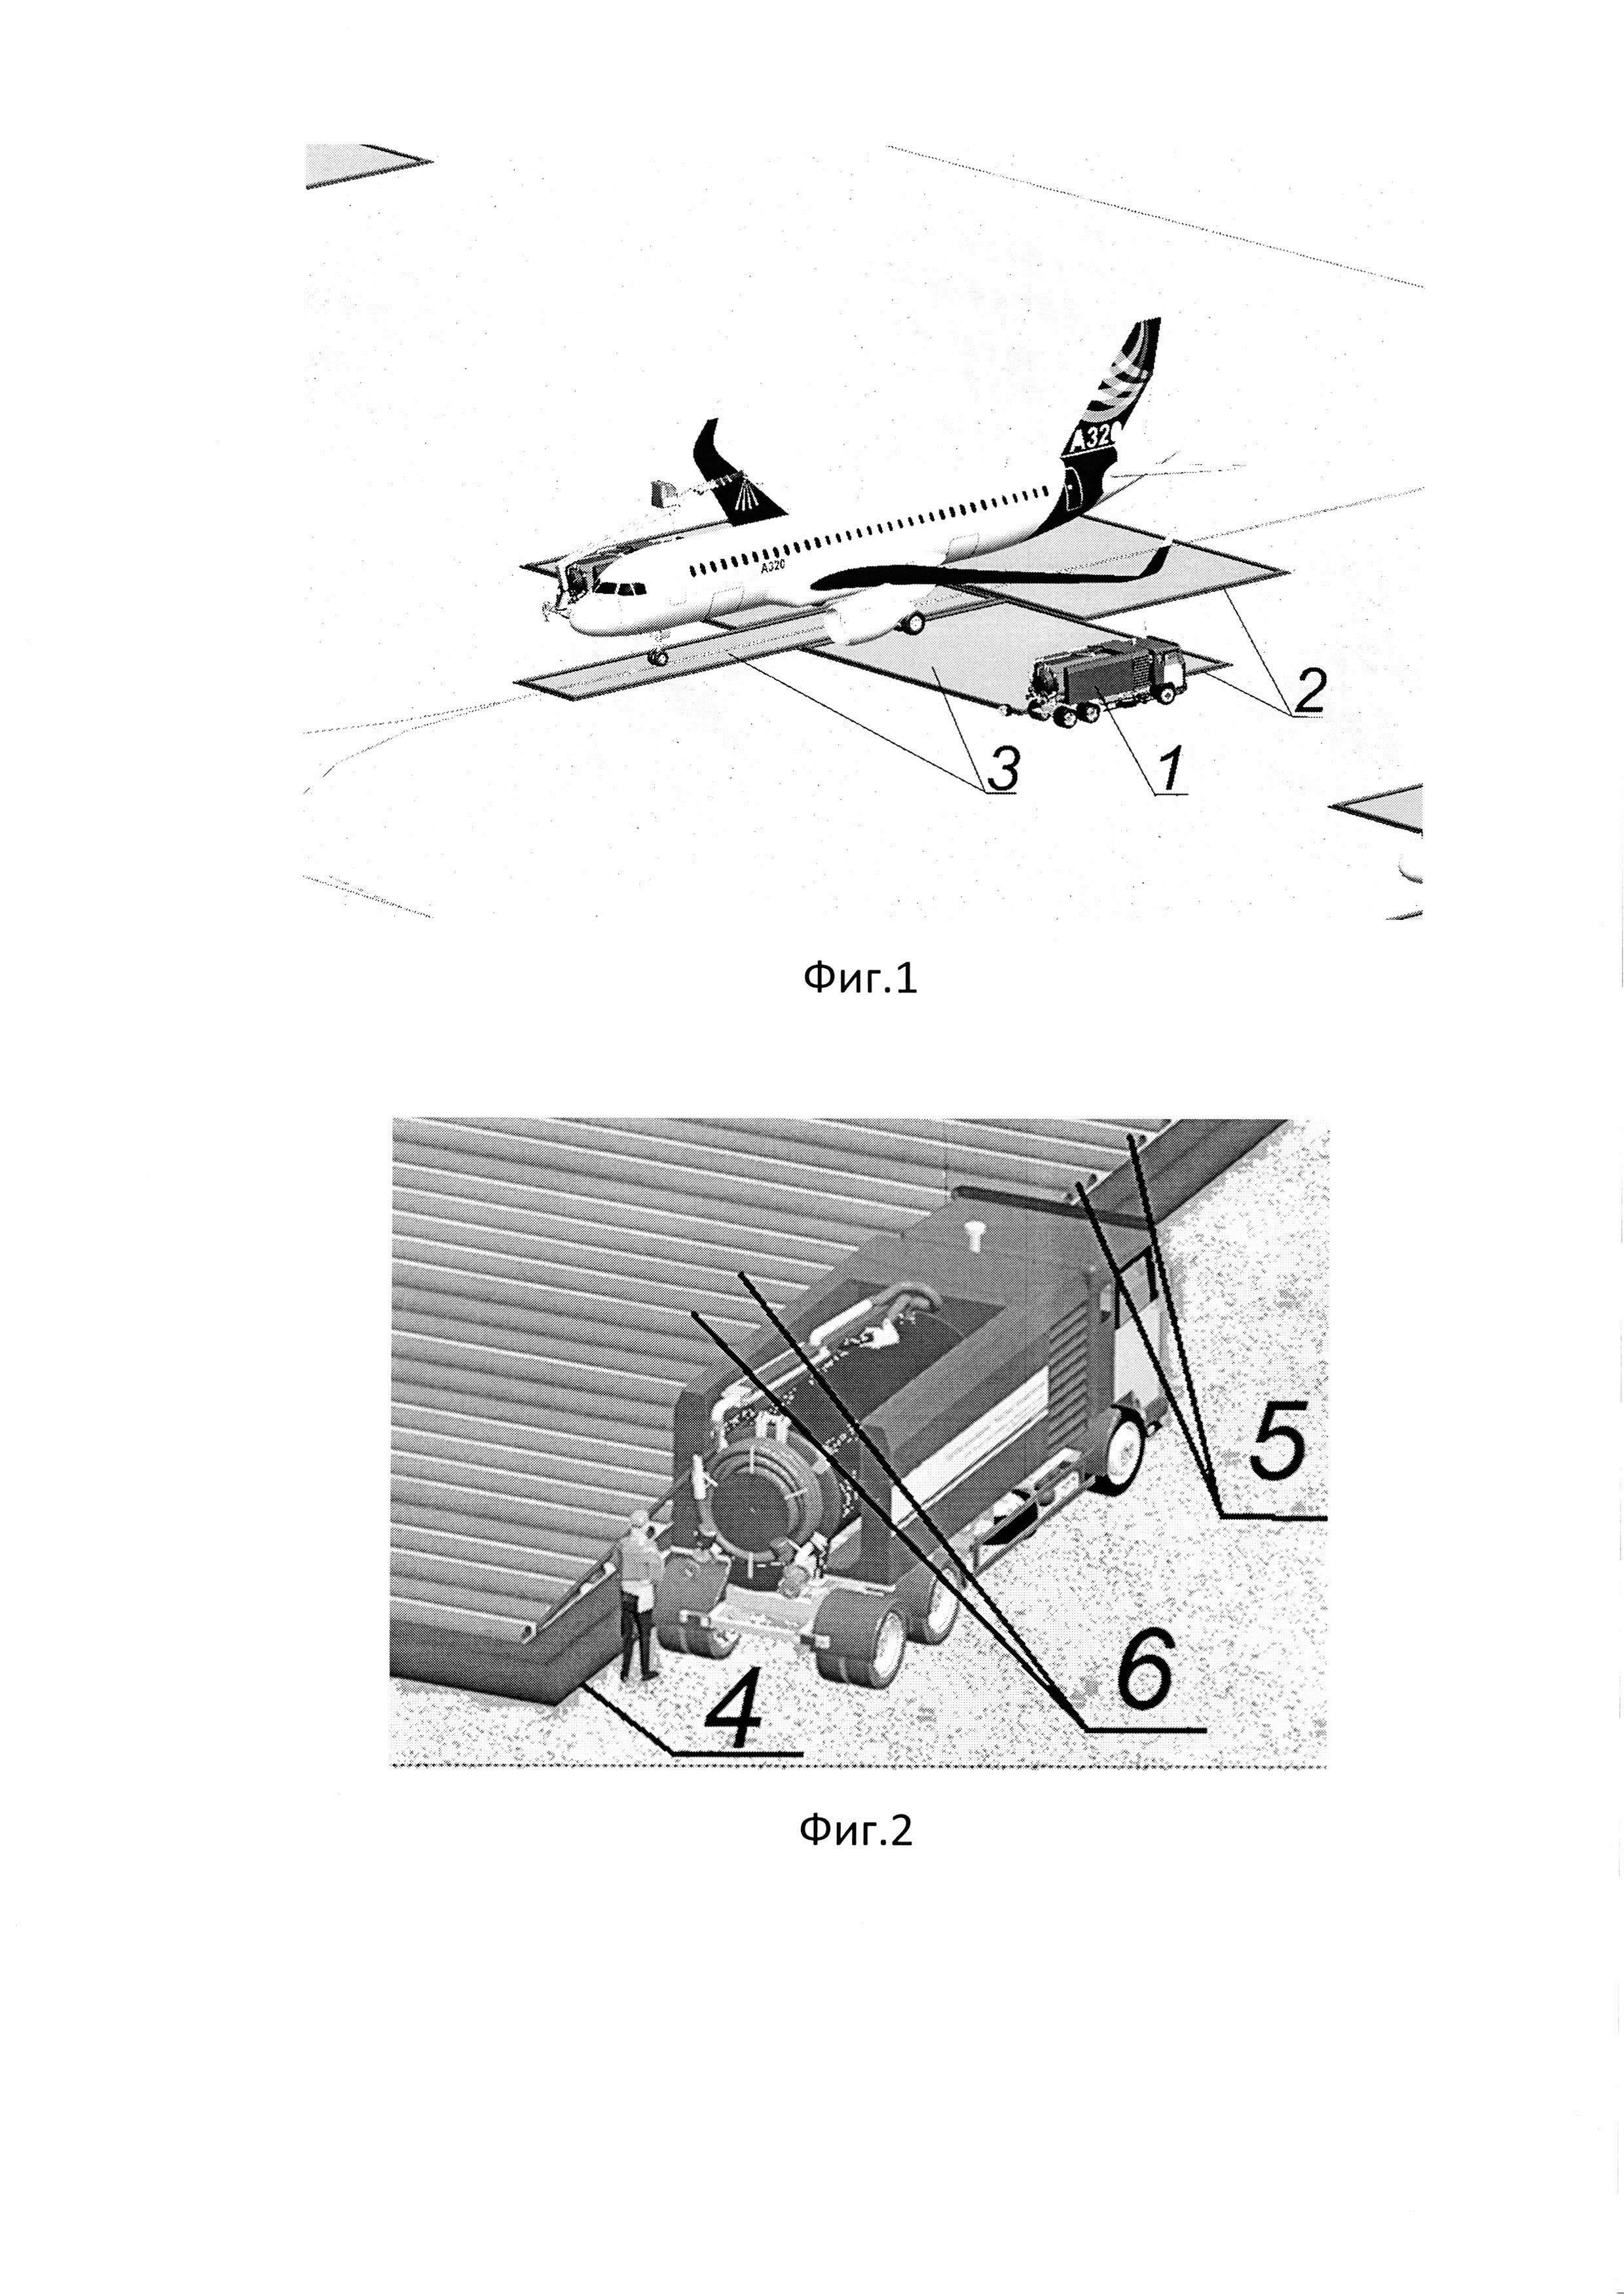 Комплекс предотвращения проливов технологических жидкостей на летное поле аэродрома при предполетной обработке самолетов